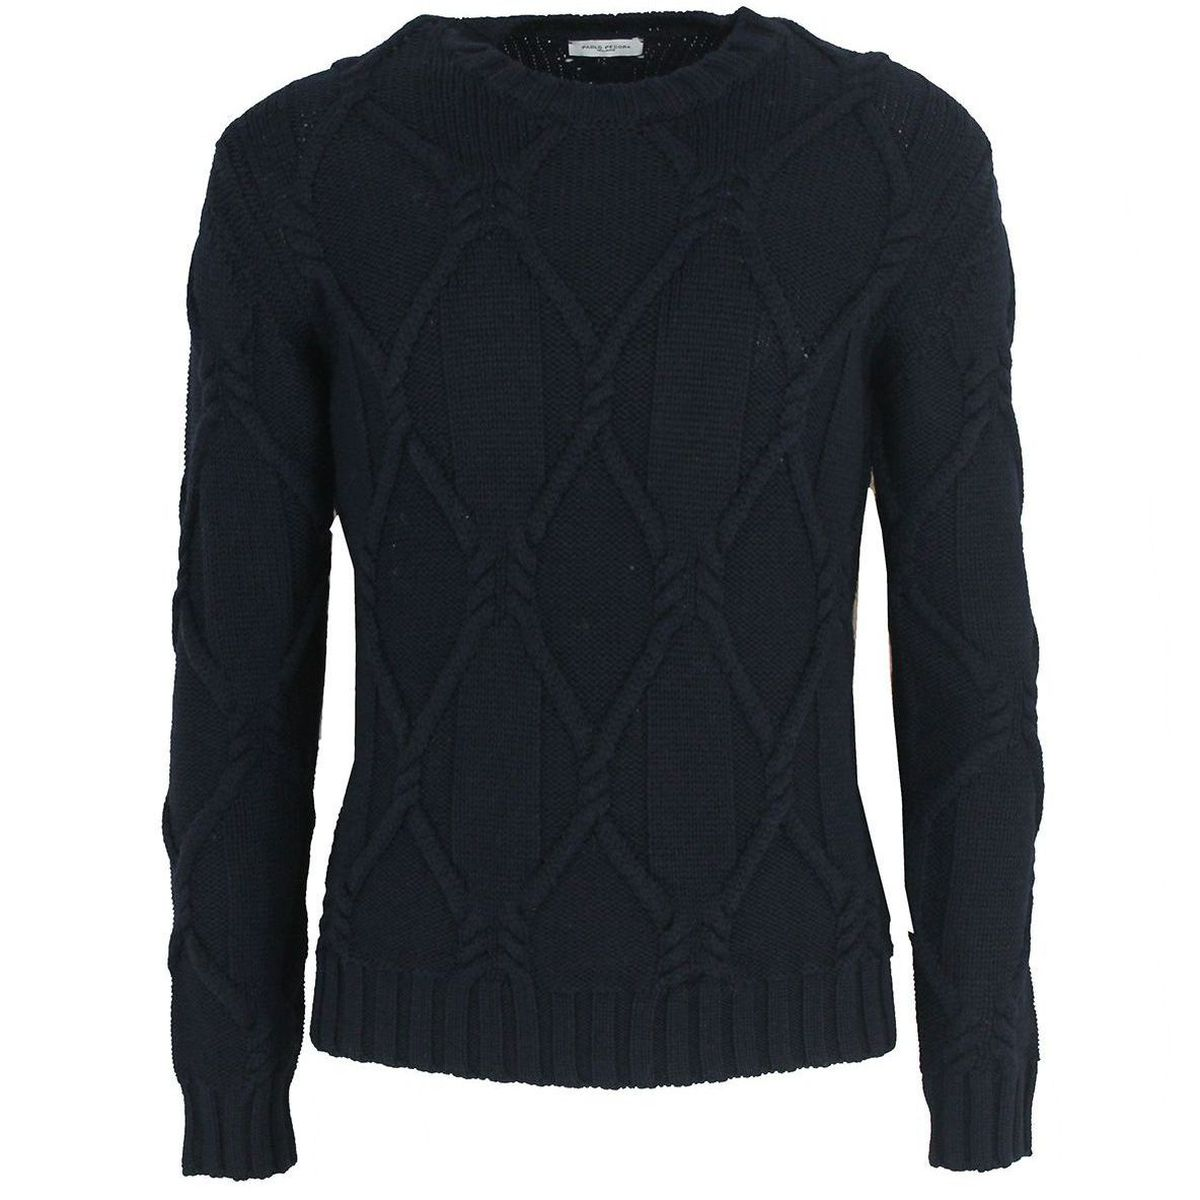 1. Maglione girocollo in pura lana vergine Blue Paolo Pecora Milano